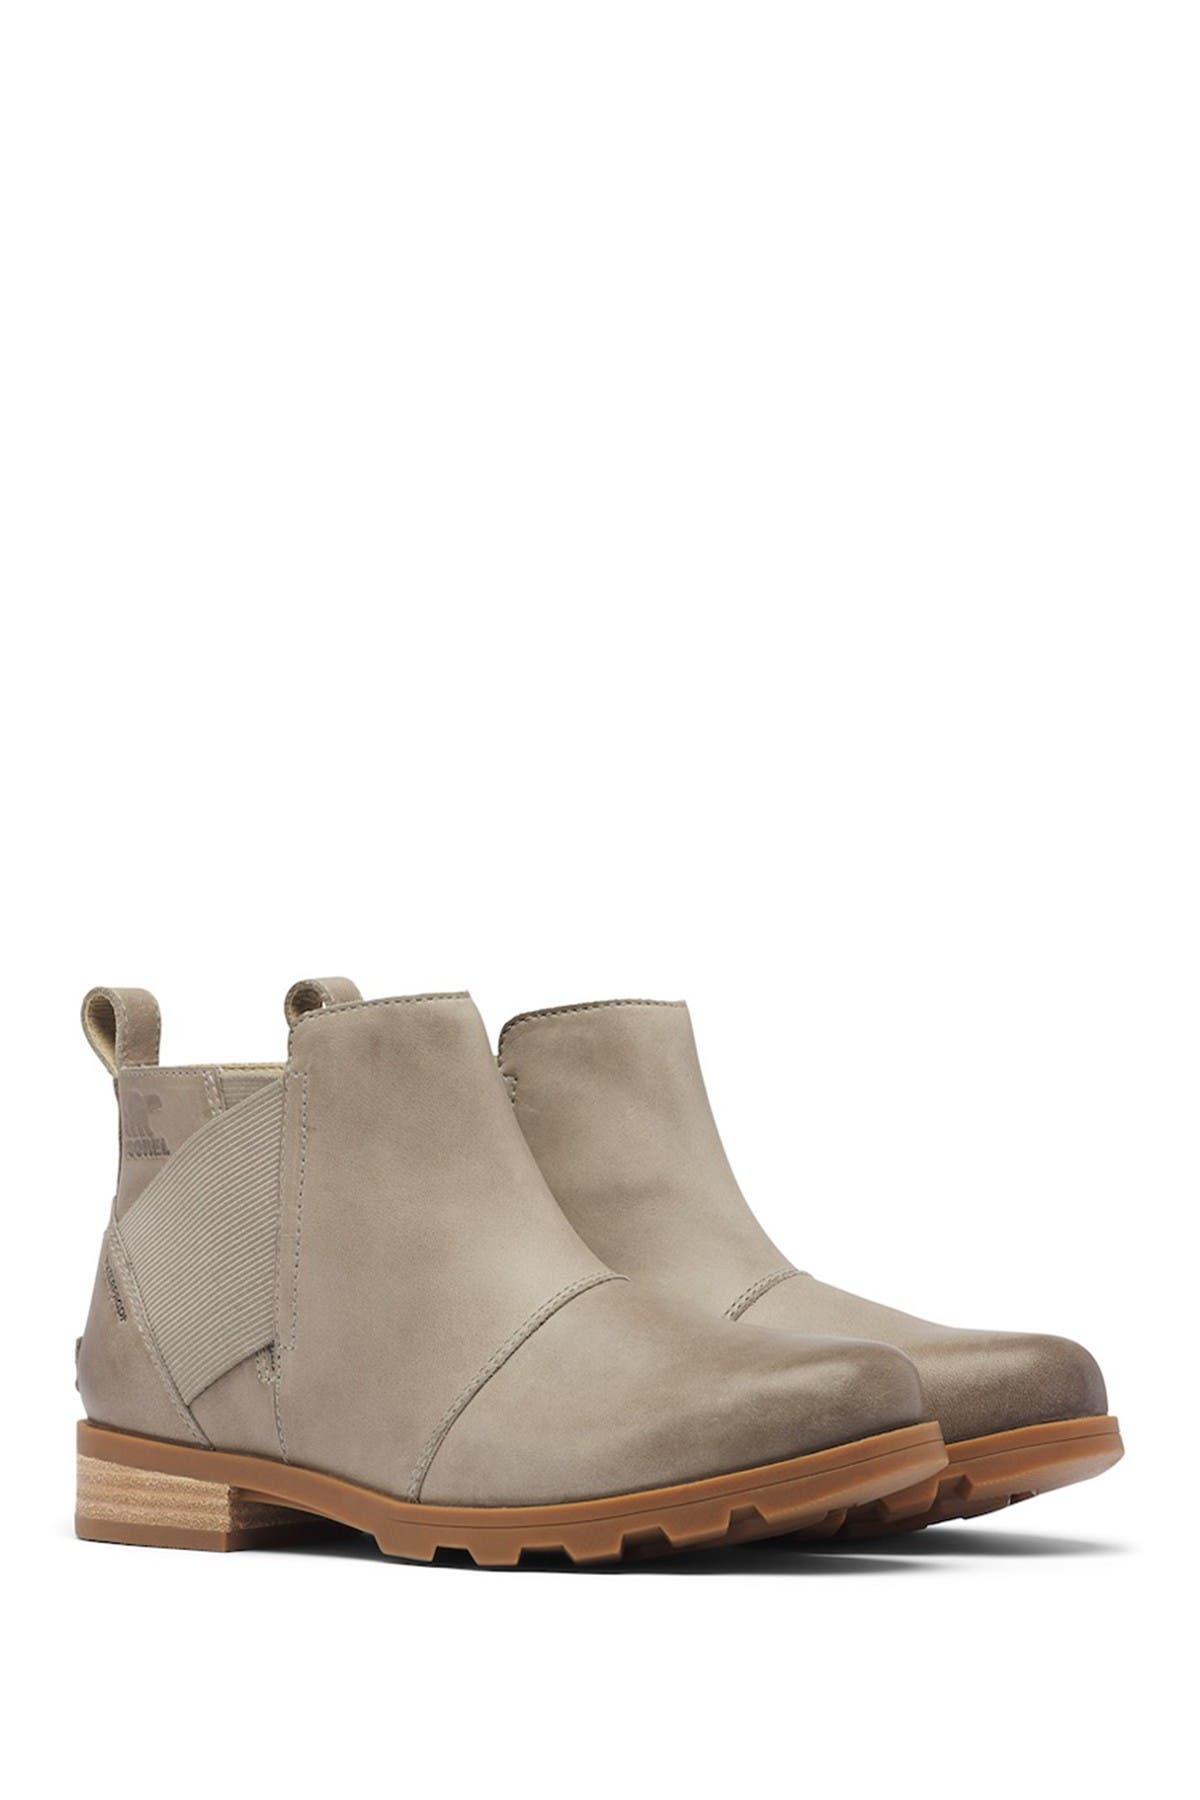 Image of Sorel Emelie Waterproof Leather Chelsea Boot